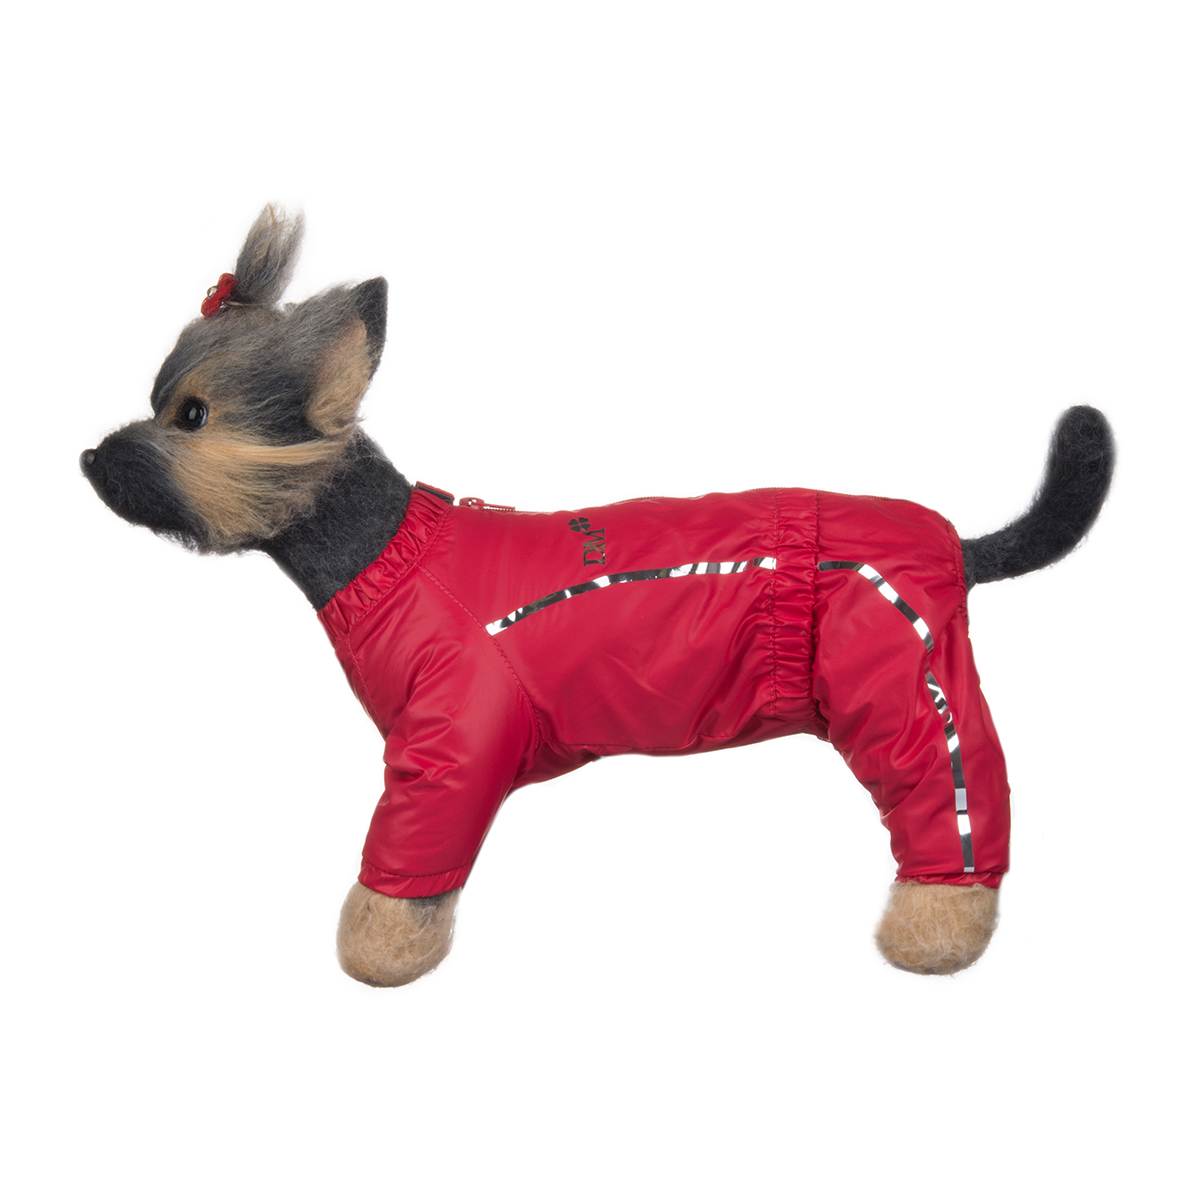 Комбинезон для собак Dogmoda Альпы, для девочки, цвет: фуксия. Размер 1 (S)DM-150327-1Комбинезон для собак Dogmoda Альпы отлично подойдет для прогулок поздней осенью или ранней весной. Комбинезон изготовлен из полиэстера, защищающего от ветра и осадков, с подкладкой из флиса, которая сохранит тепло и обеспечит отличный воздухообмен. Комбинезон застегивается на молнию и липучку, благодаря чему его легко надевать и снимать. Ворот, низ рукавов и брючин оснащены внутренними резинками, которые мягко обхватывают шею и лапки, не позволяя просачиваться холодному воздуху. На пояснице имеется внутренняя резинка. Изделие декорировано серебристыми полосками и надписью DM.Благодаря такому комбинезону простуда не грозит вашему питомцу и он не даст любимцу продрогнуть на прогулке.Одежда для собак: нужна ли она и как её выбрать. Статья OZON Гид